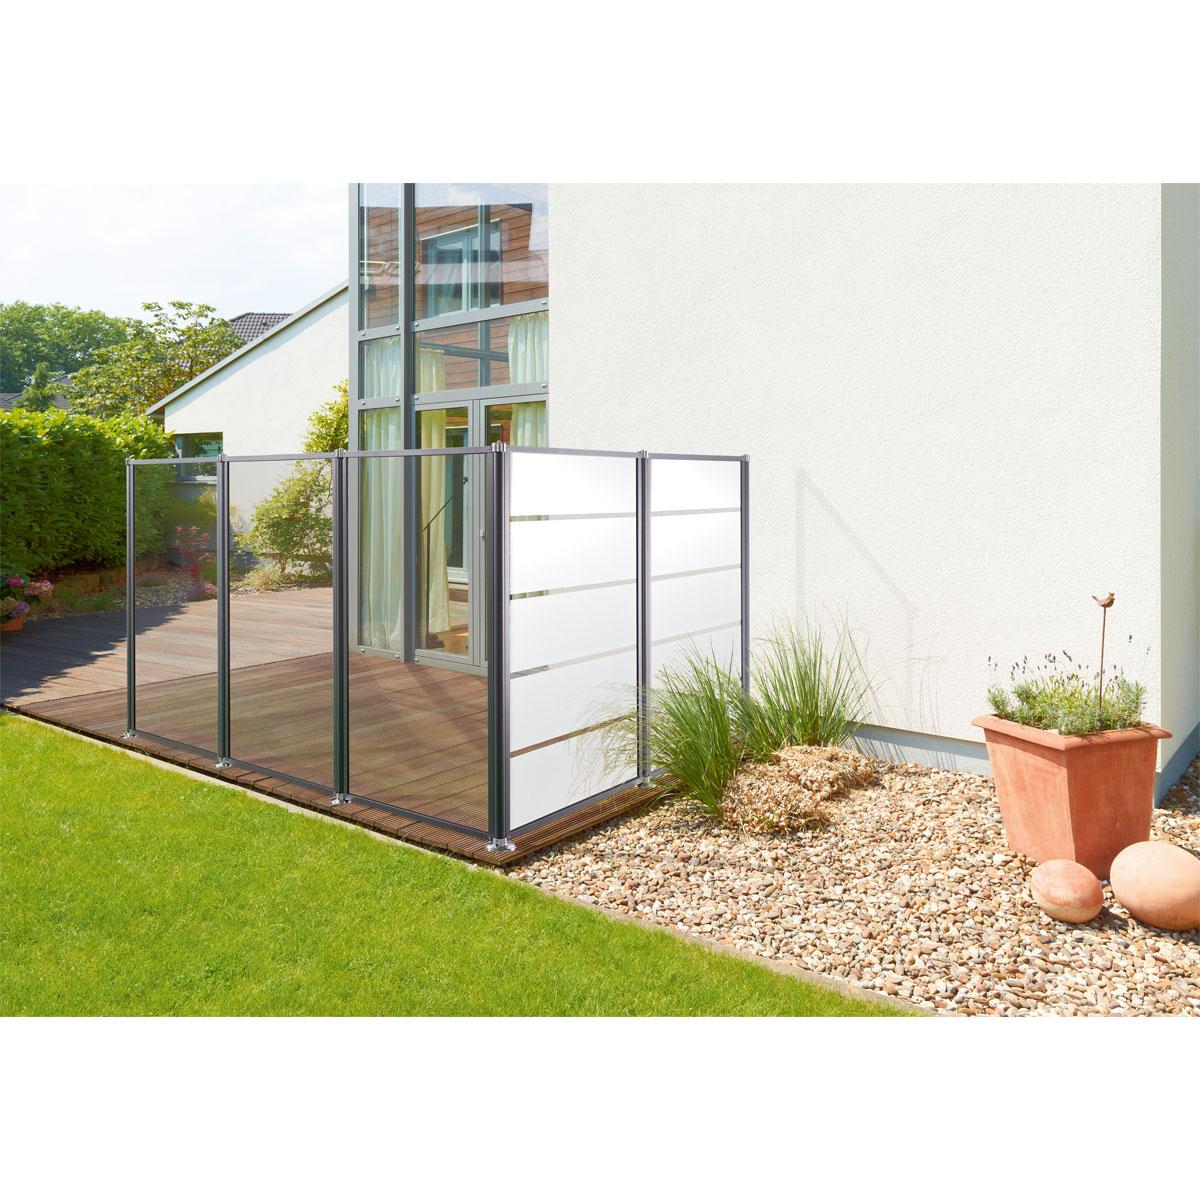 Glas-Windschutz Streifen, 100x160 cm, anthrazit